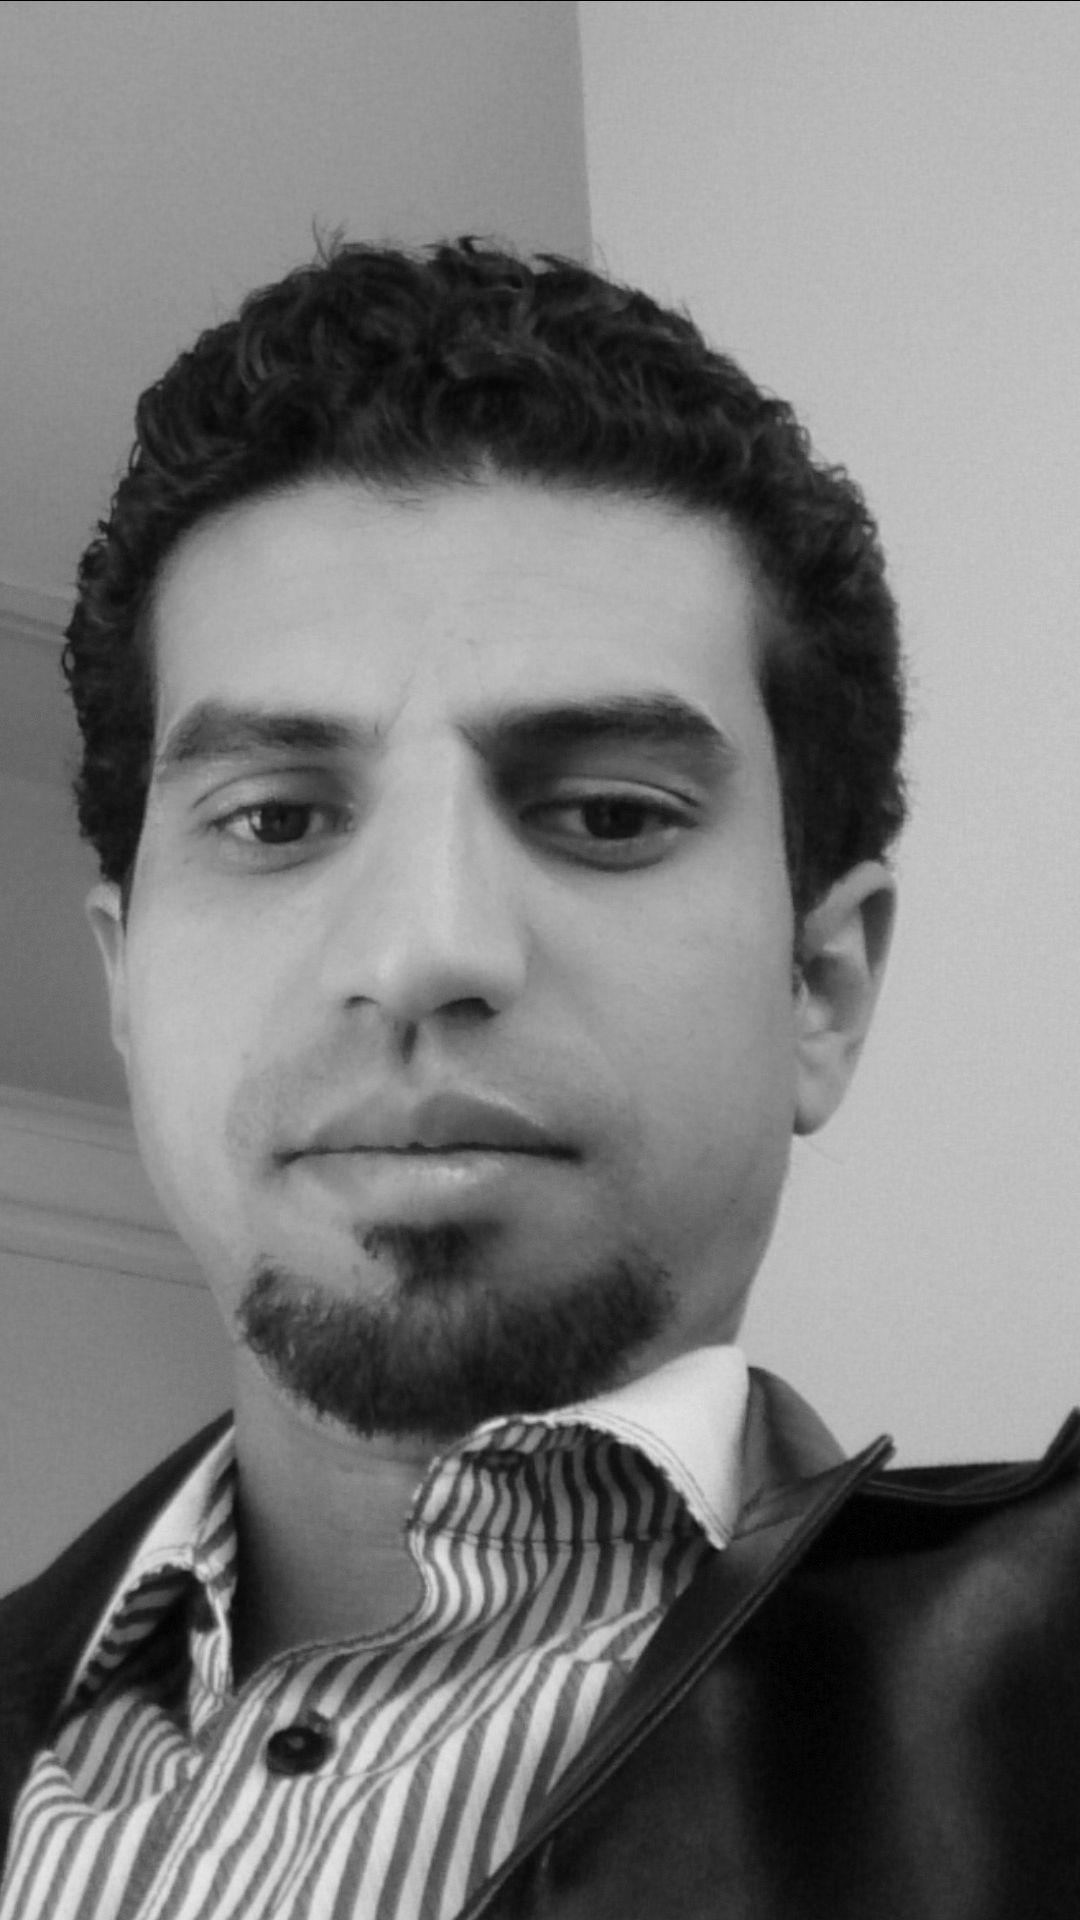 محمد ابعجبان Headshot